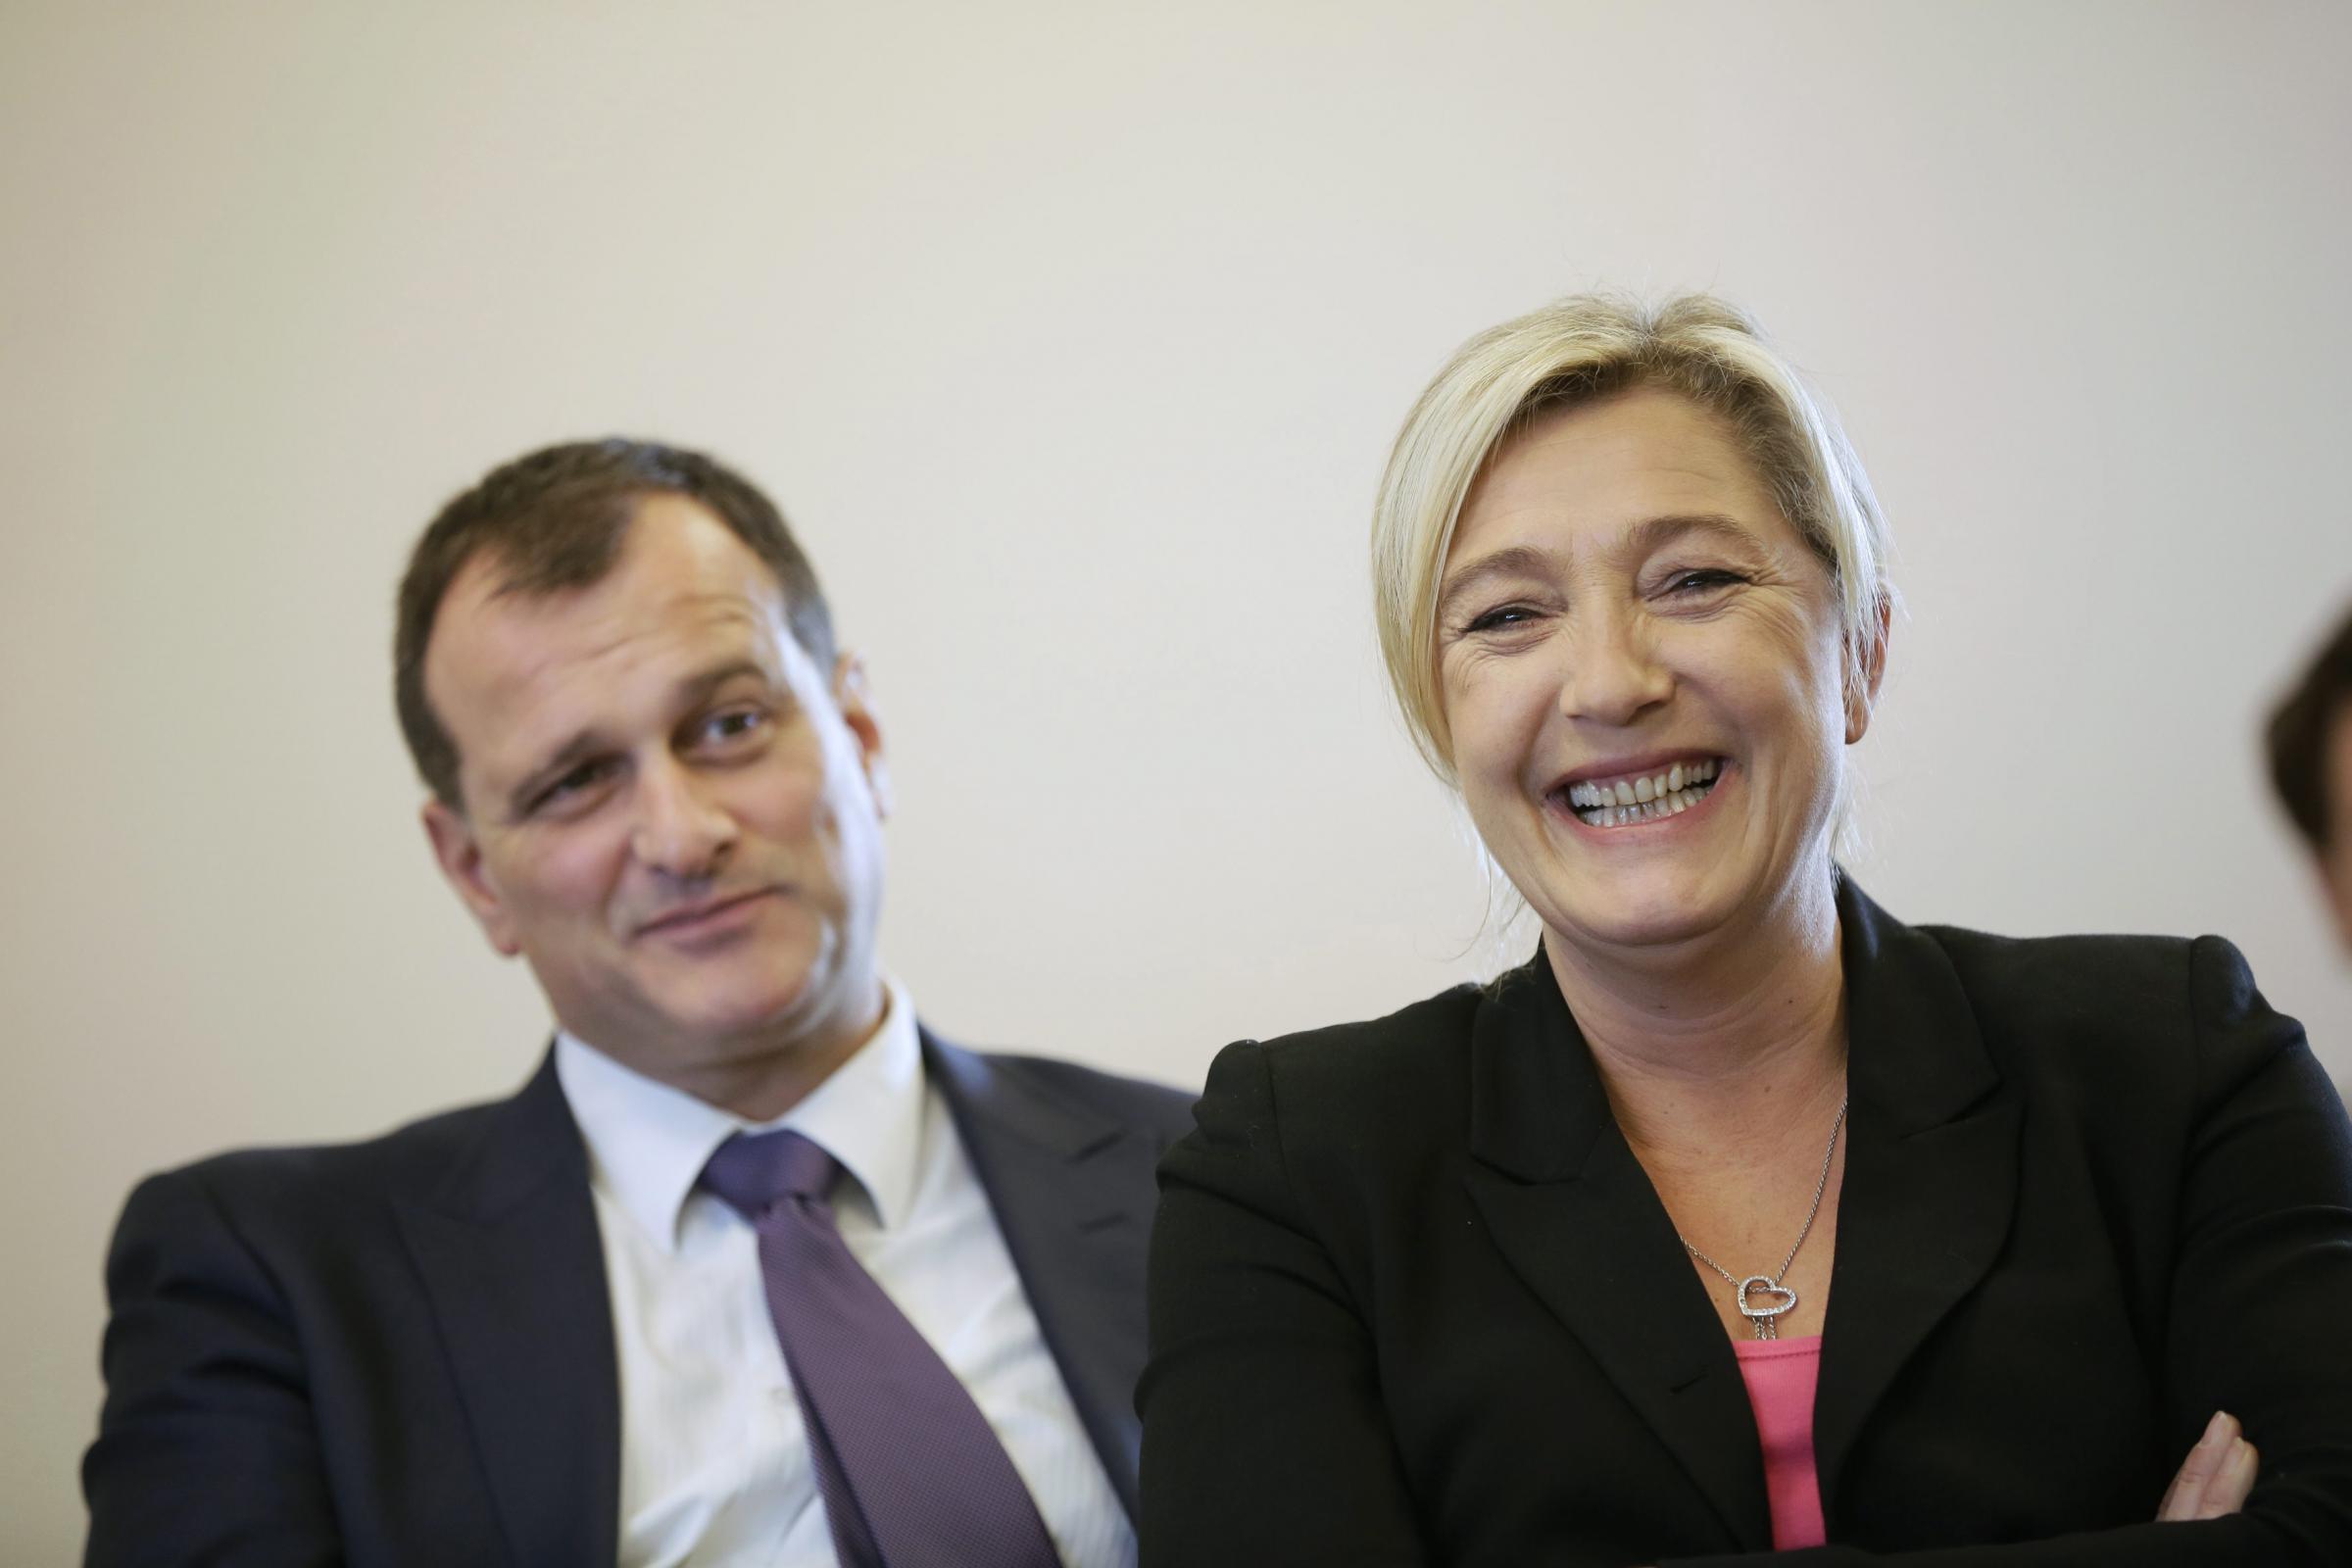 Chi è Louis Aliot, il compagno di Marine Le Pen